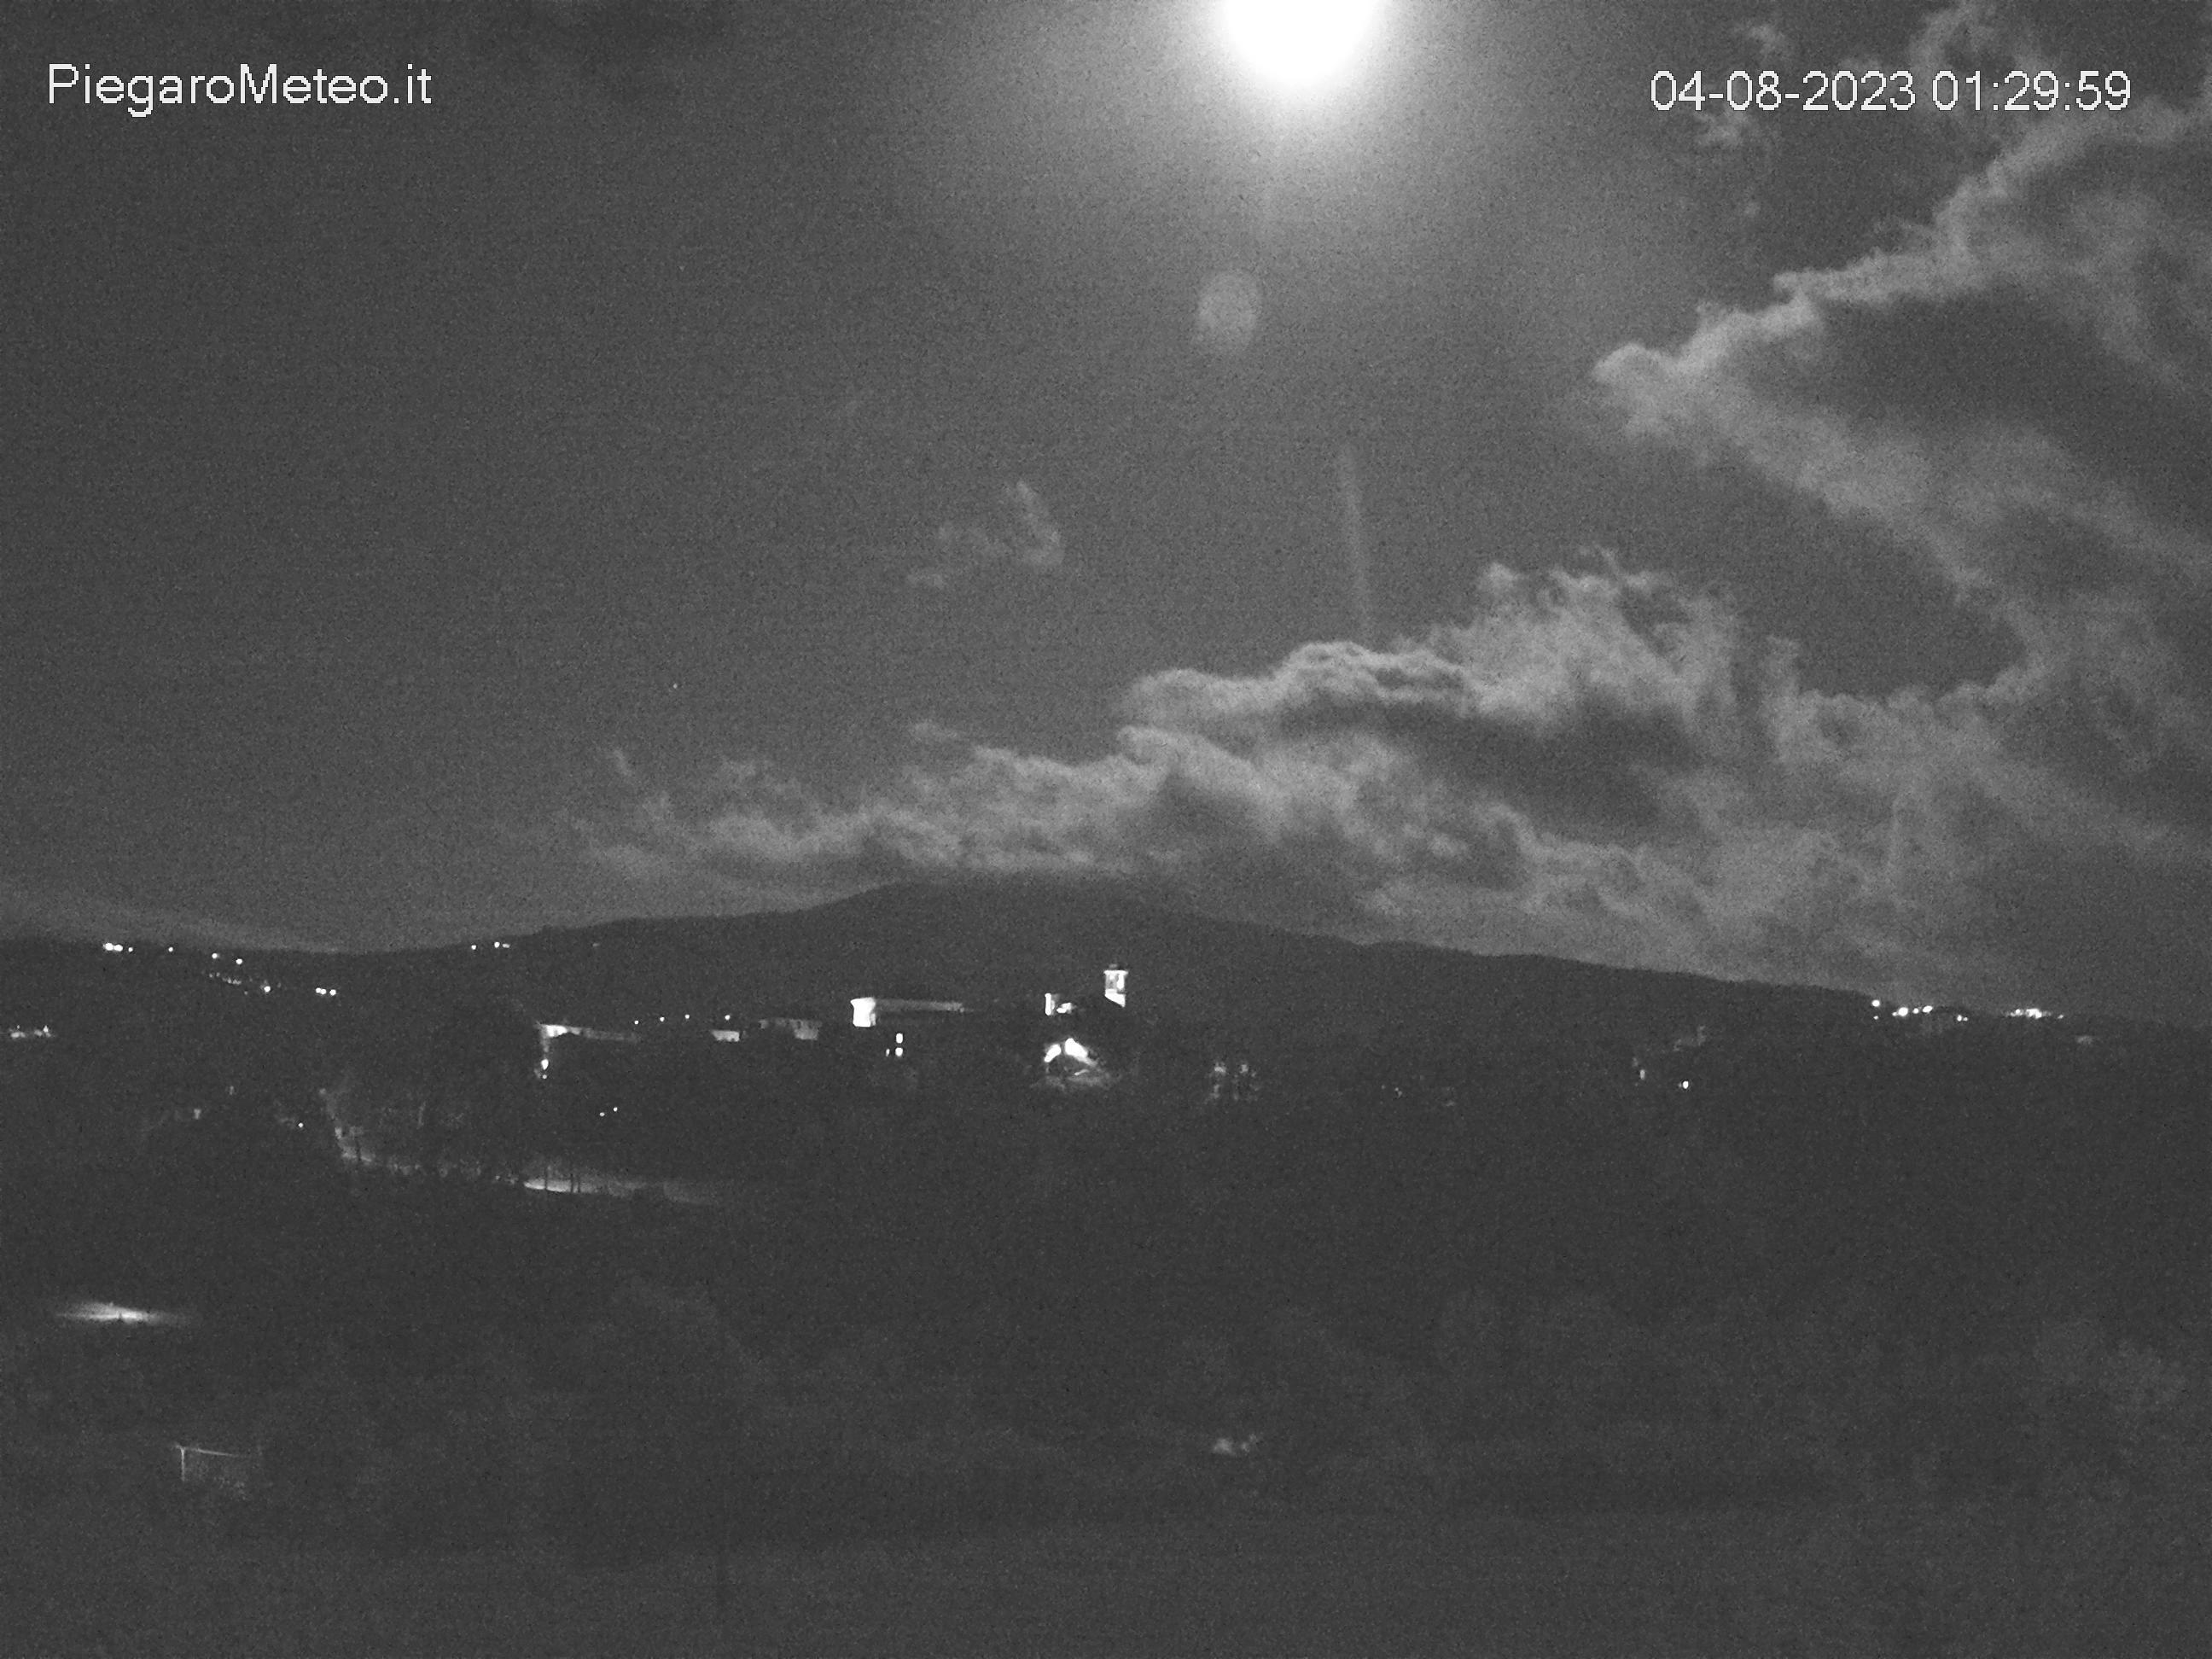 Webcam Piegaro - Piegaro Meteo